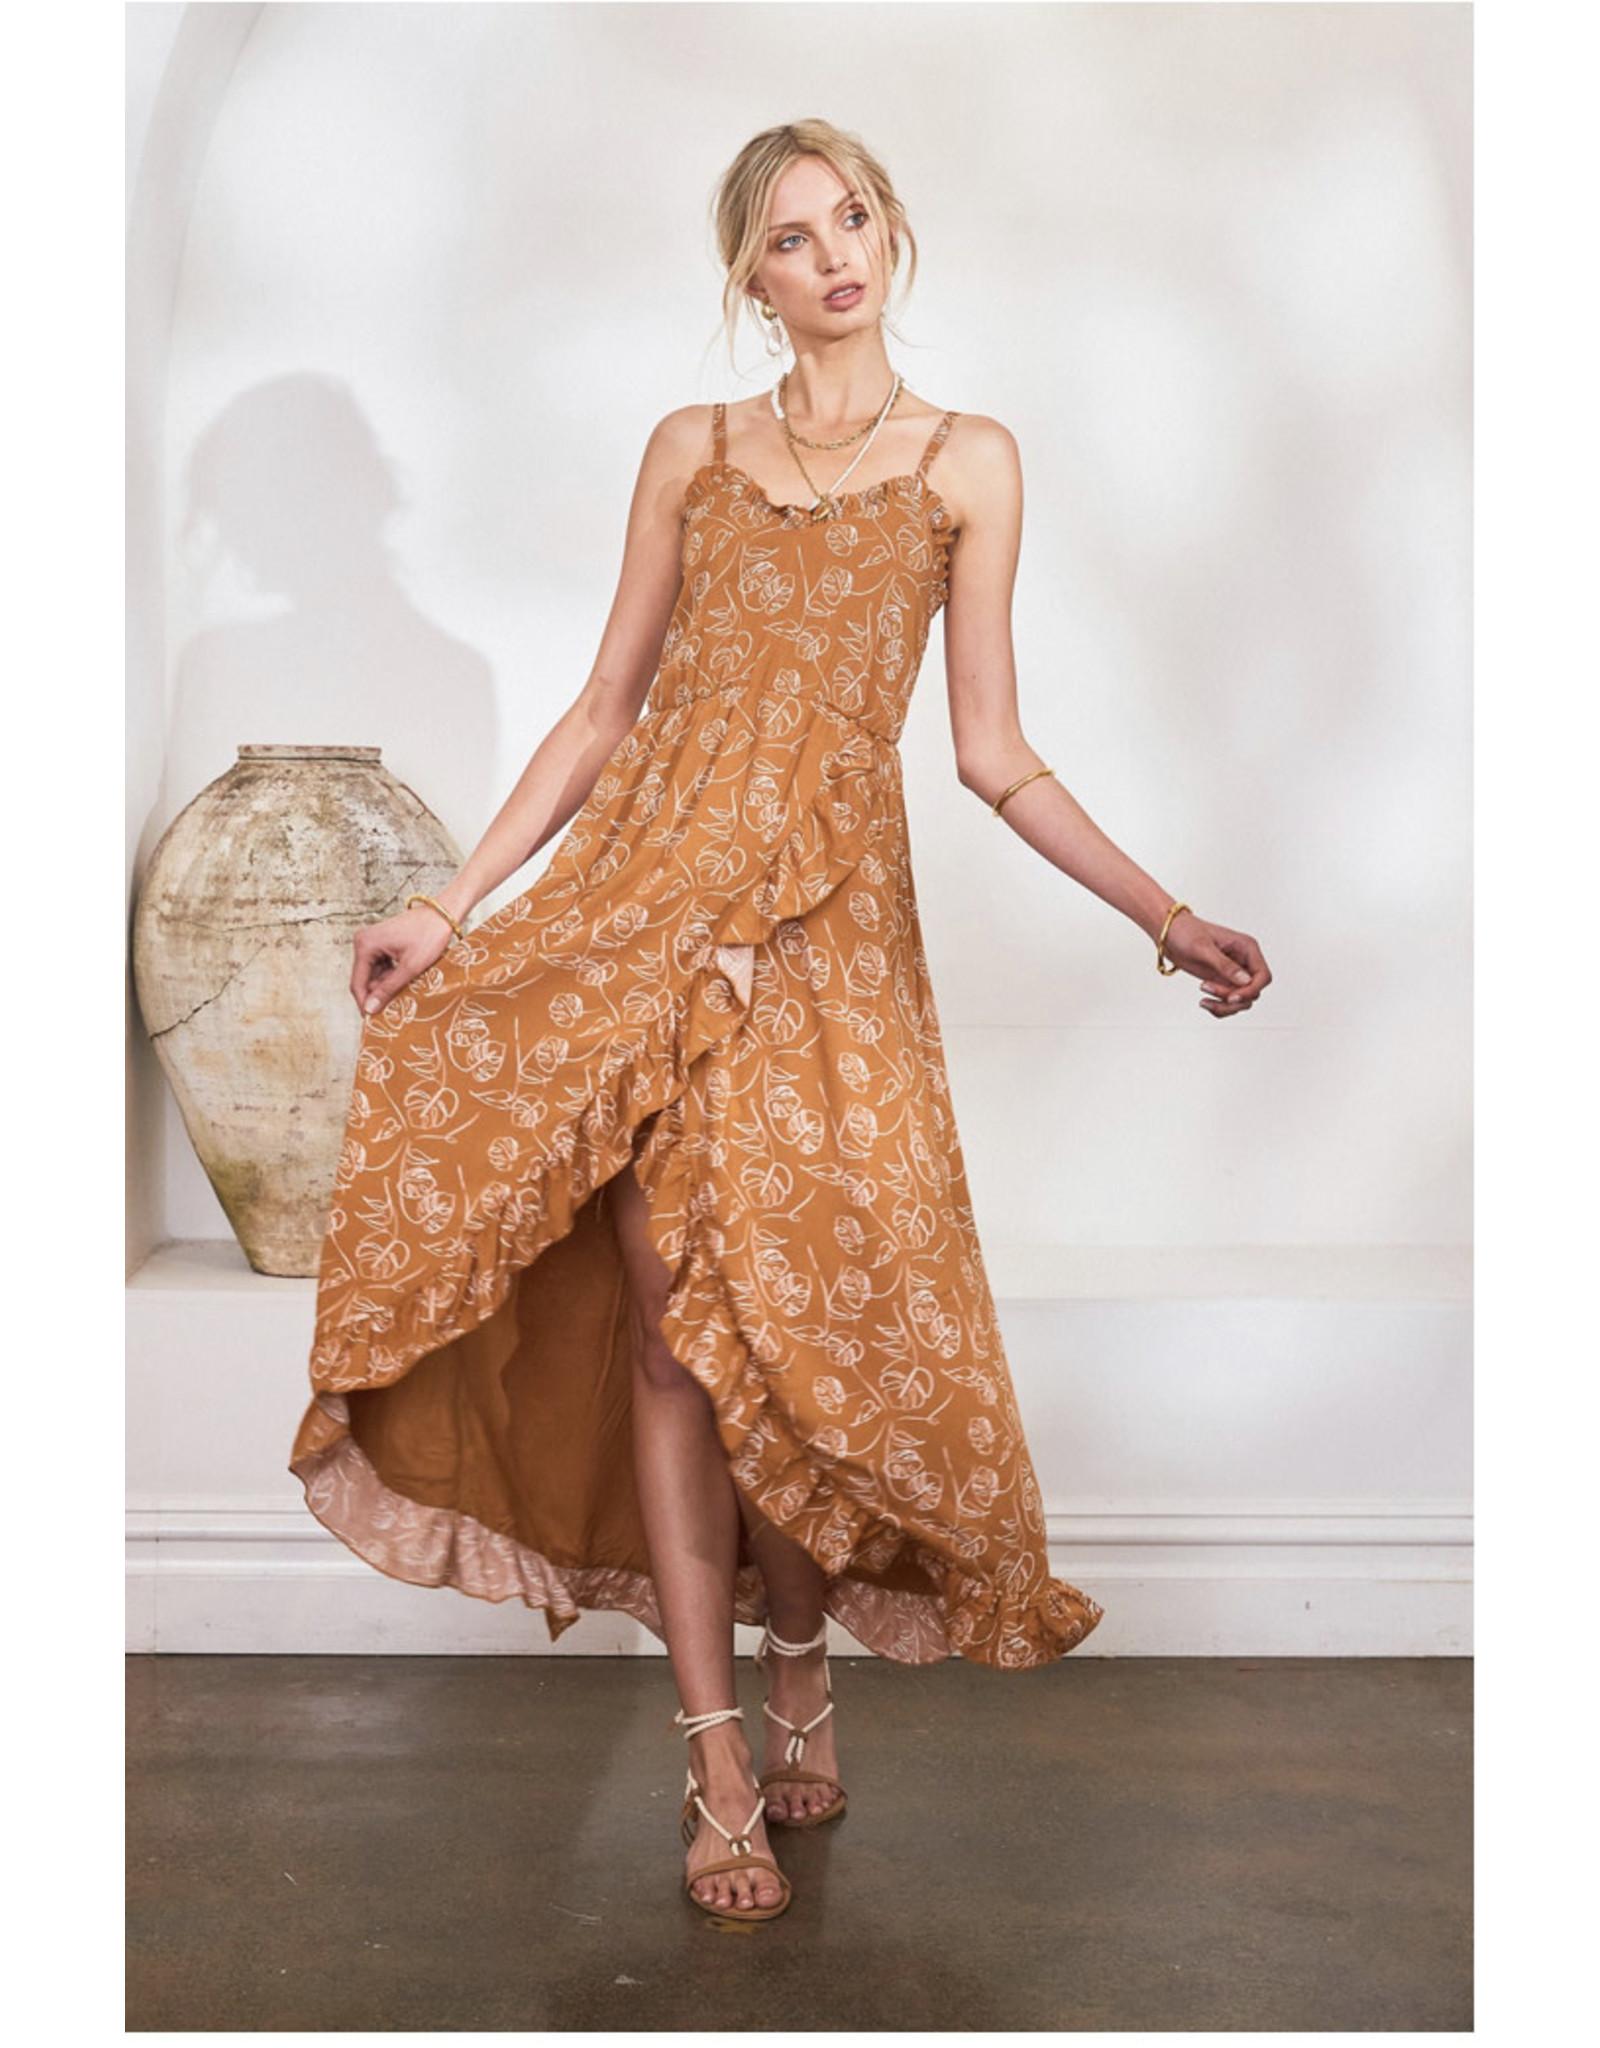 Lost in Lunar Lost in Lunar - Madelyn maxi dress